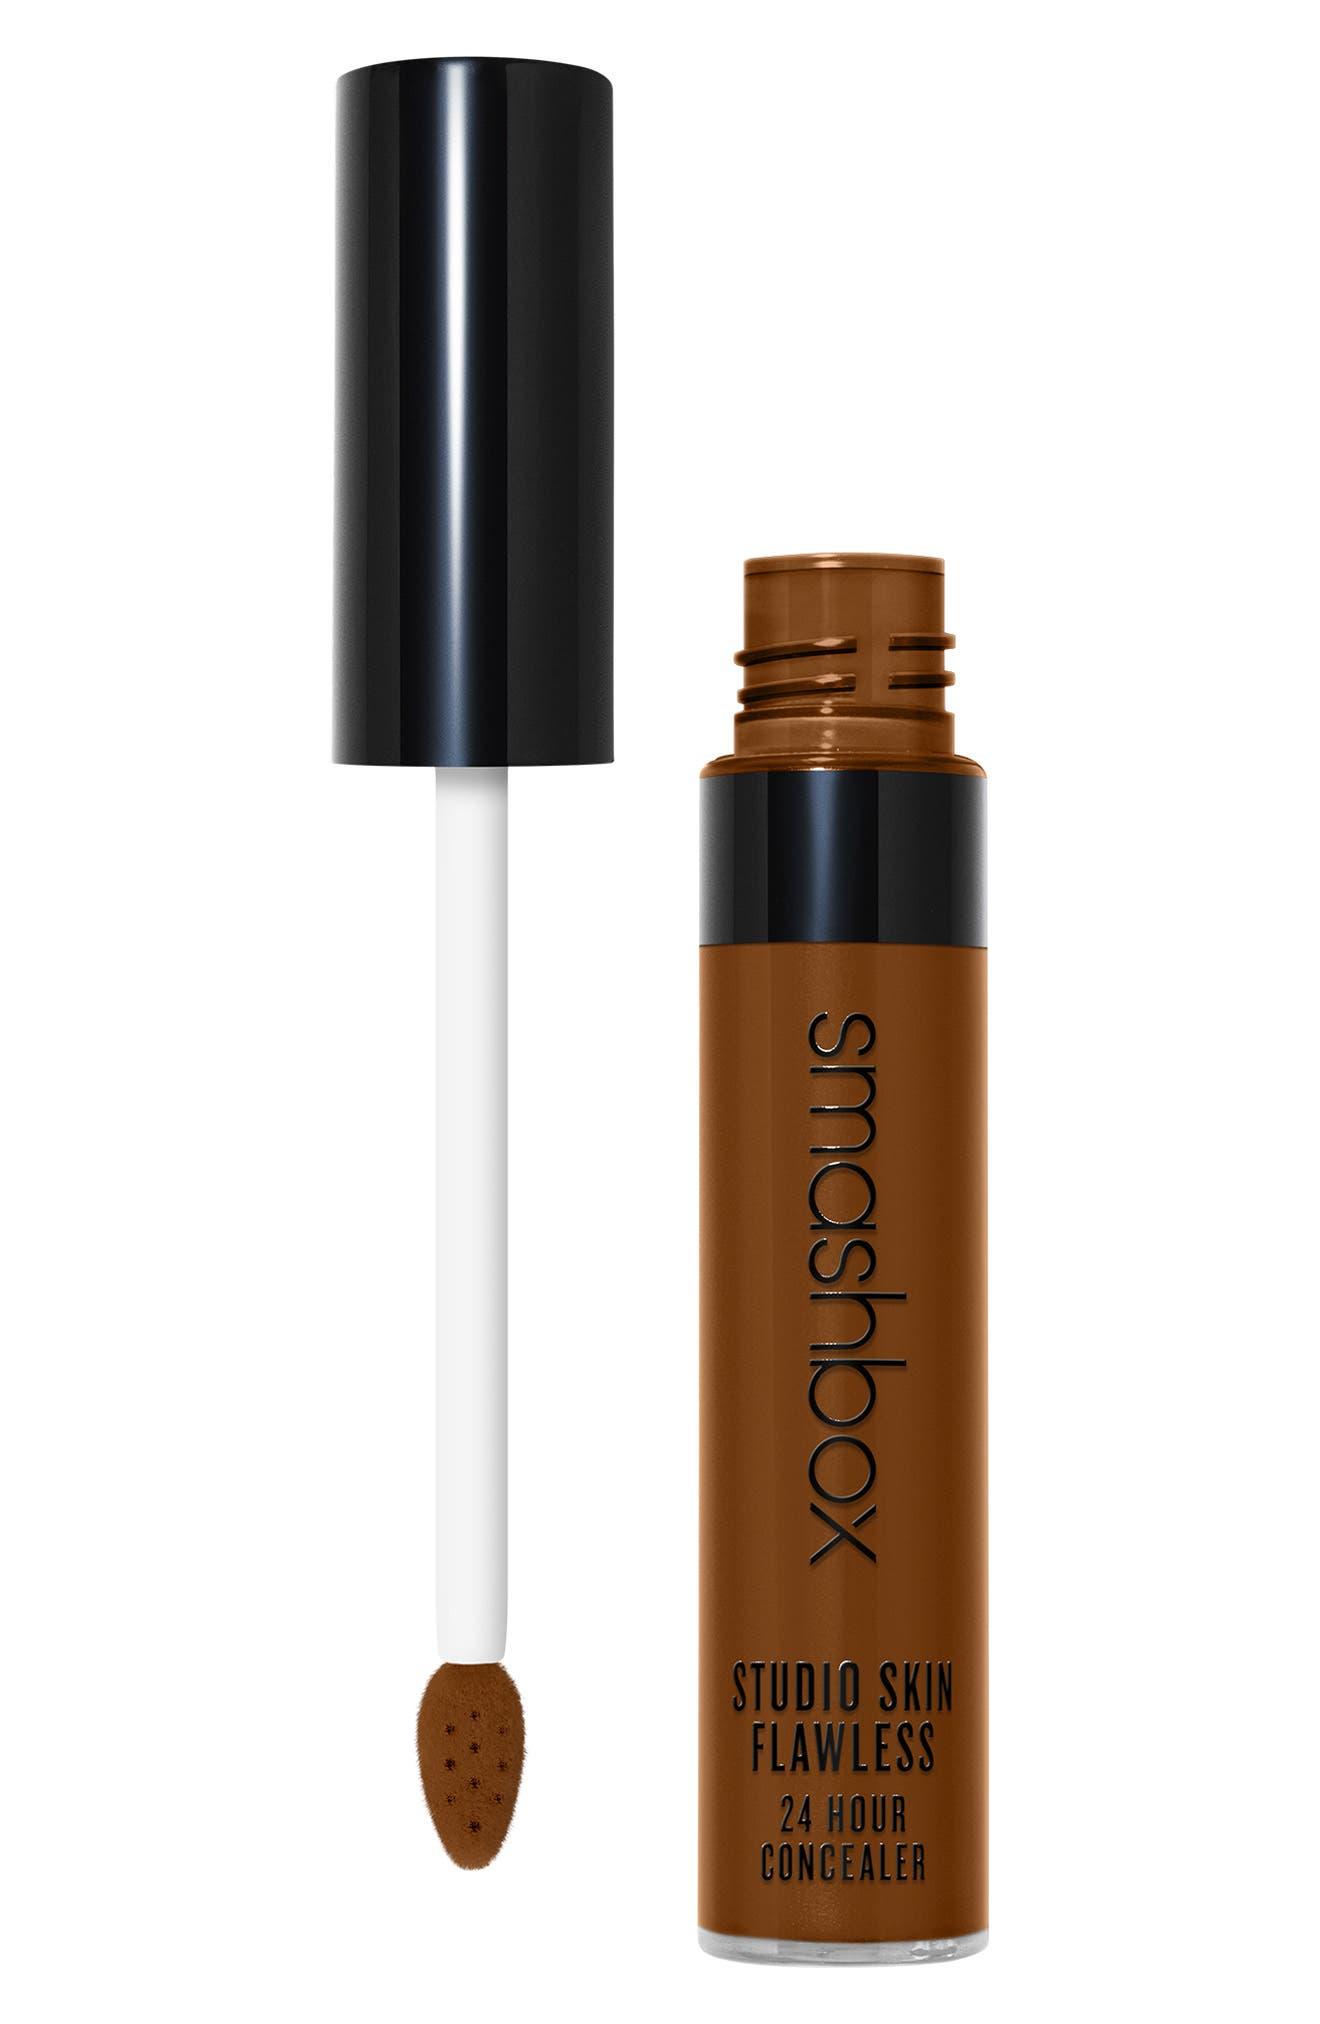 Studio Skin Flawless Concealer   Nordstrom